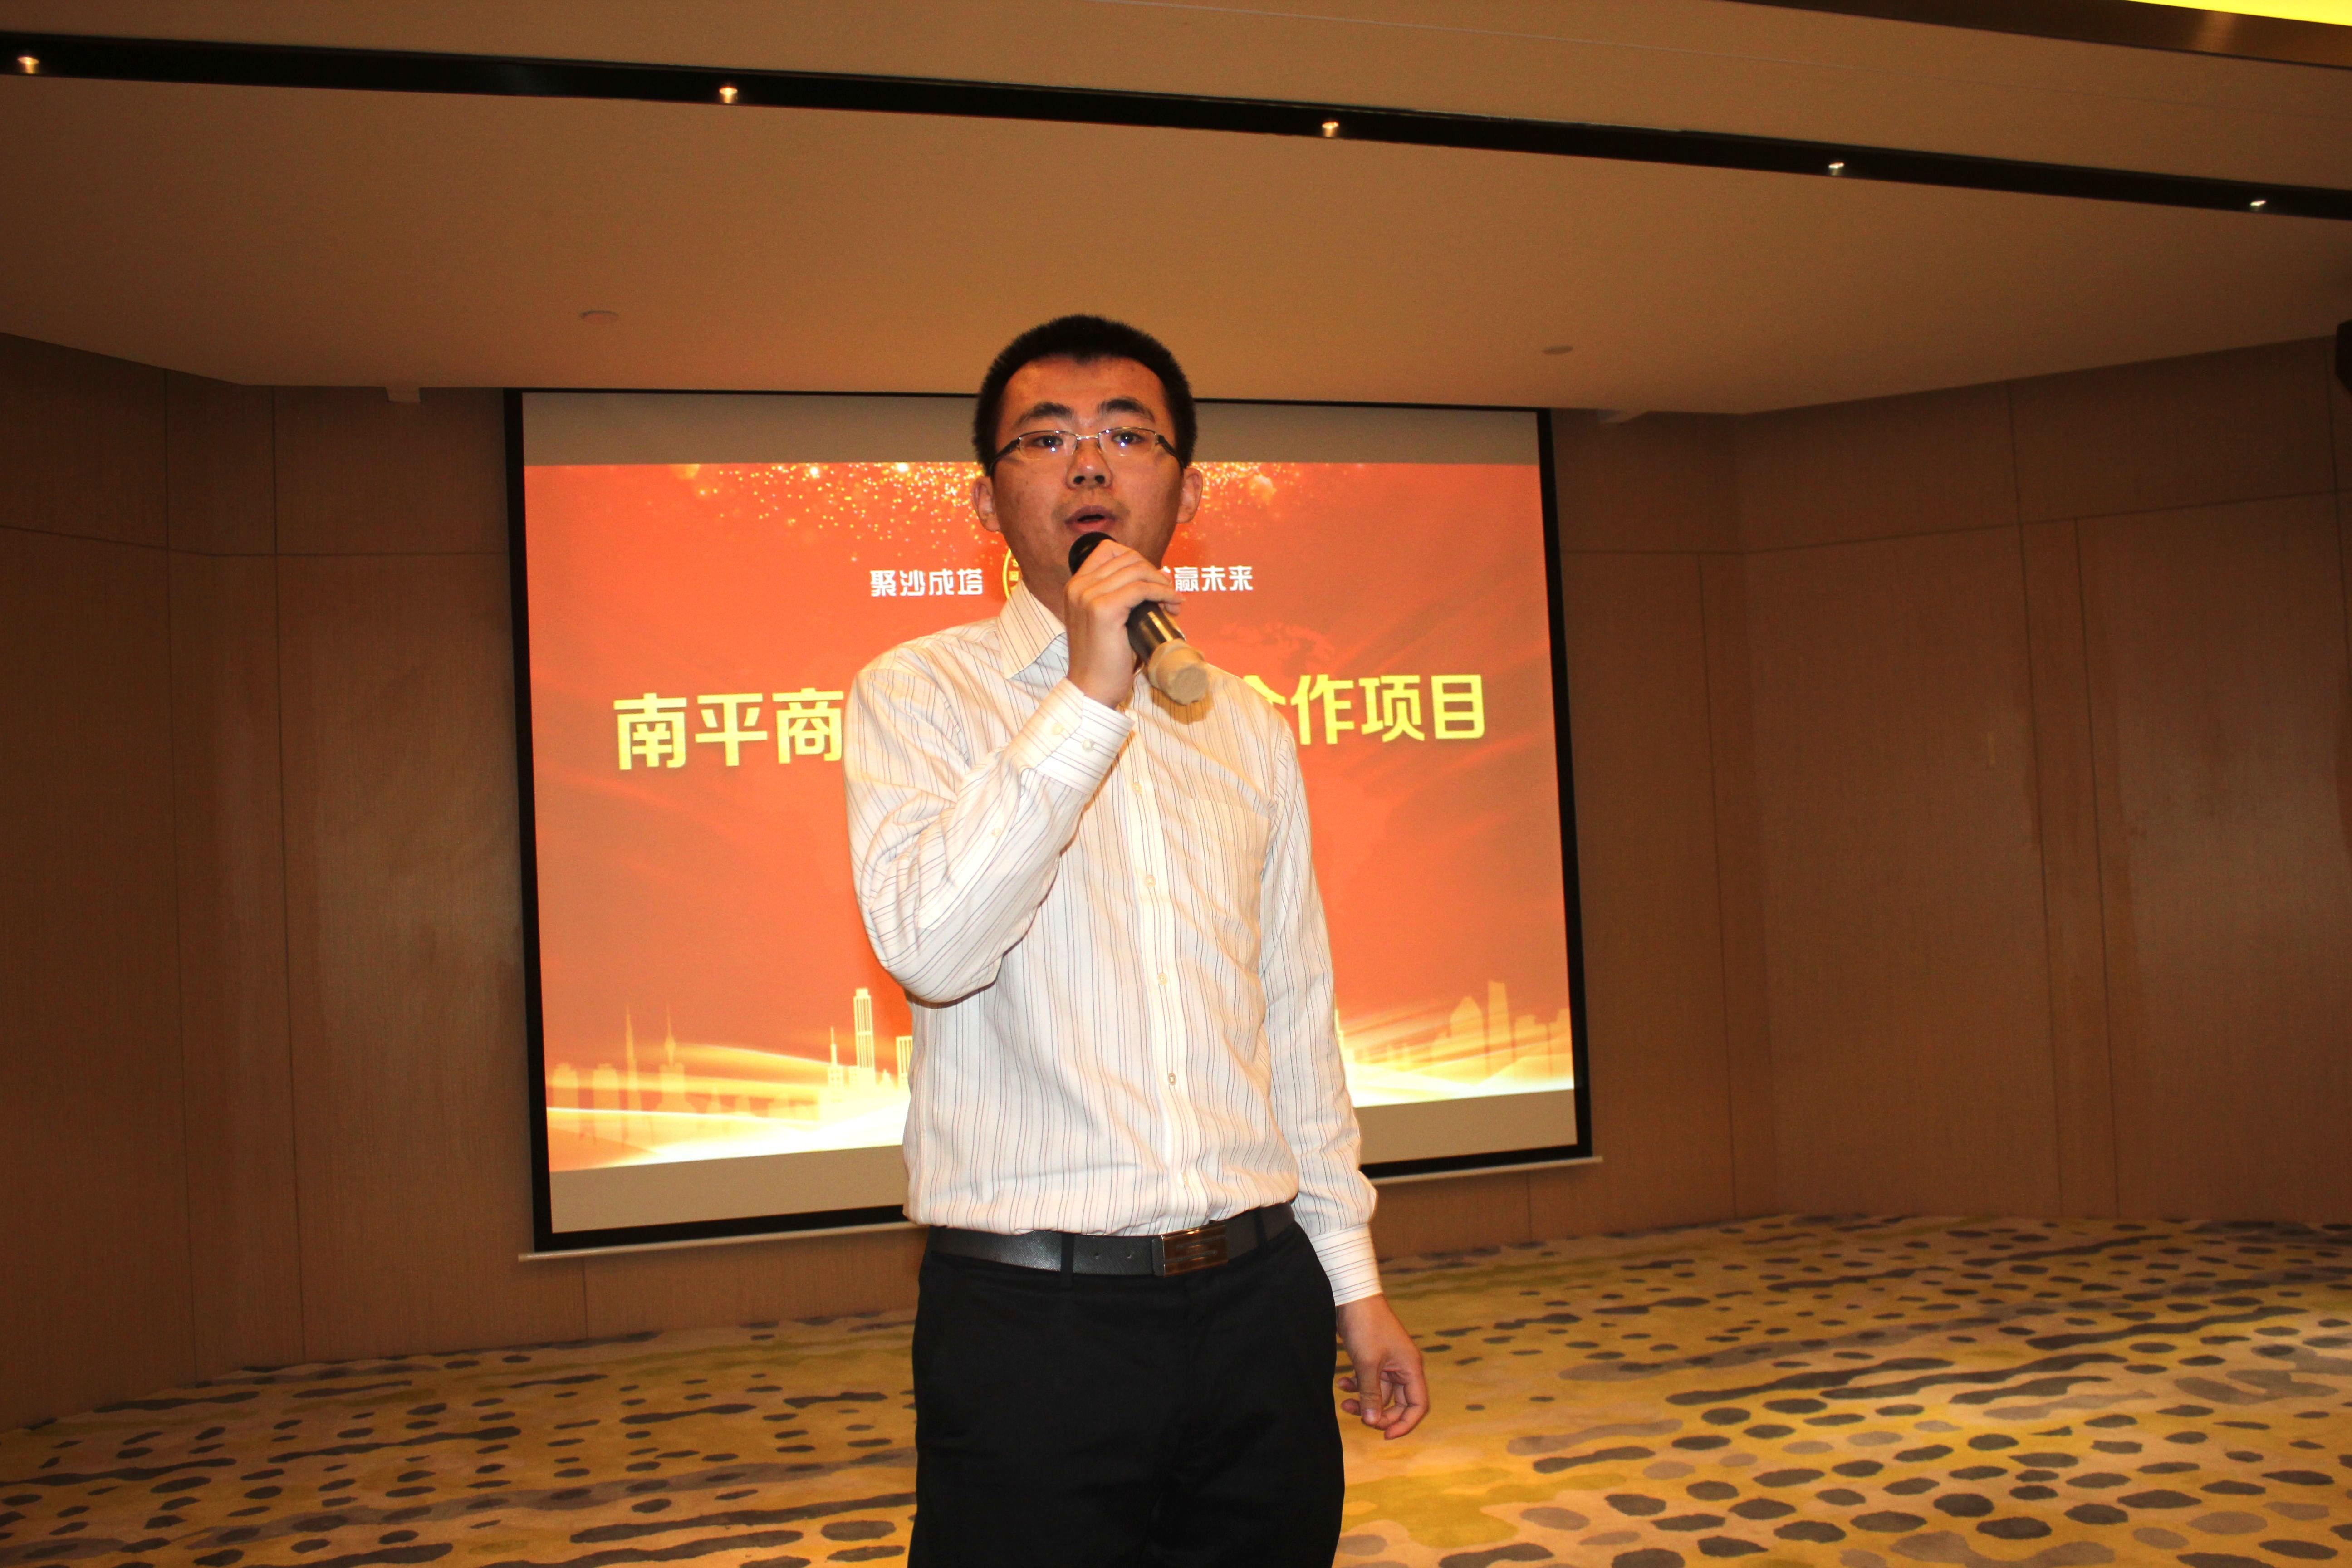 上海紫光乐联物联网科技有限公司副总裁 郑煌斌